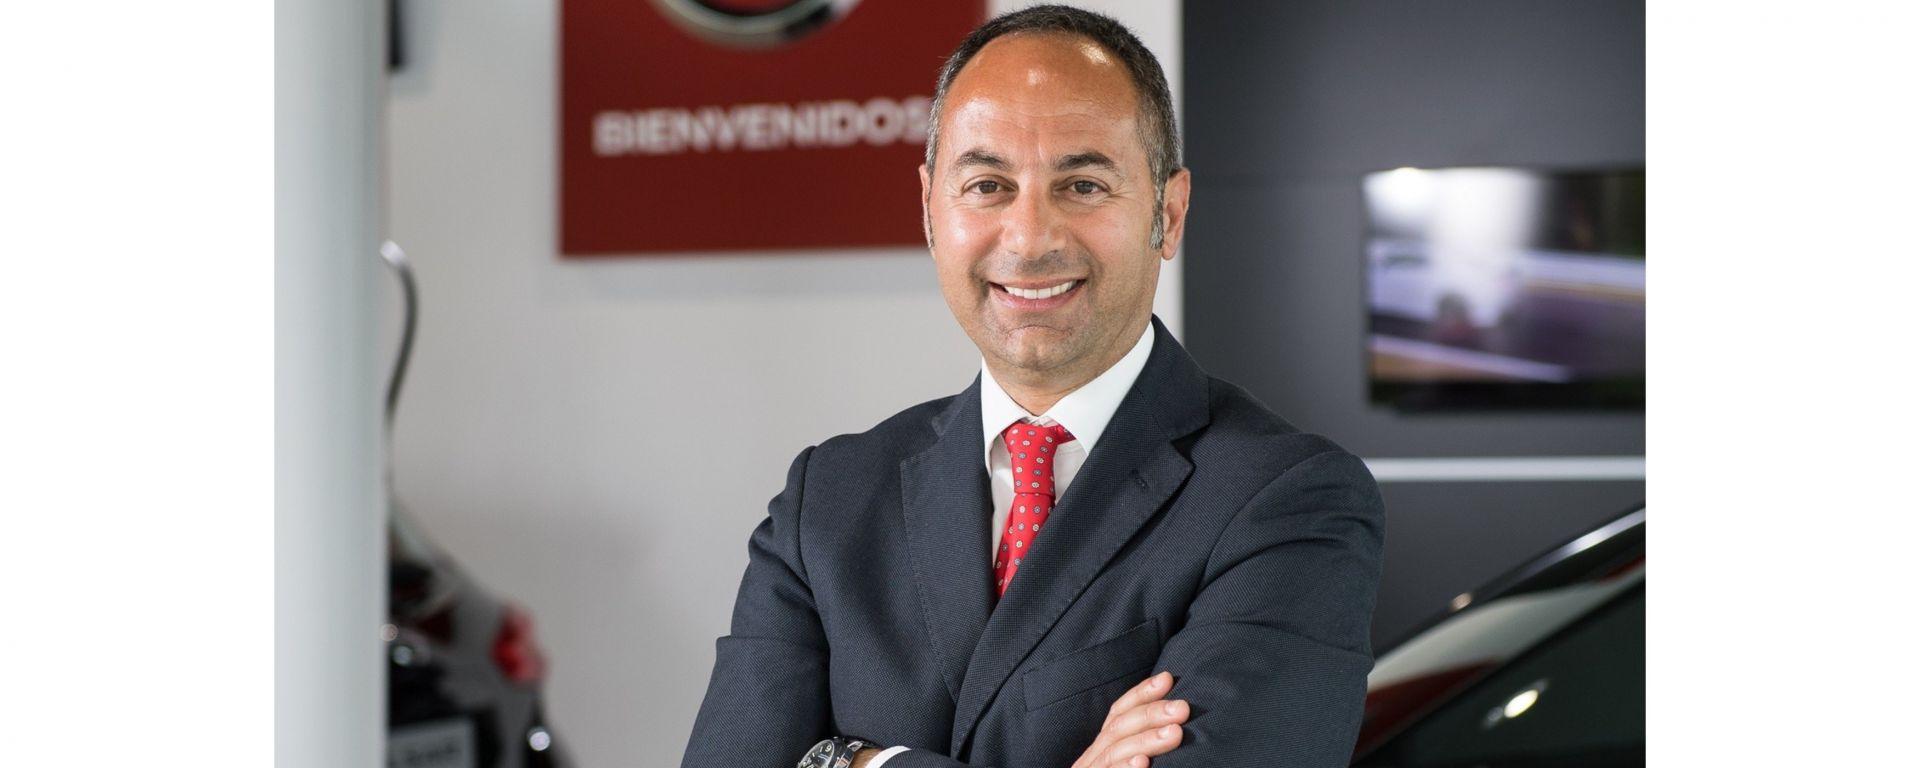 Marco Toro, dal 1 agosto sarà AD di Nissan Italia